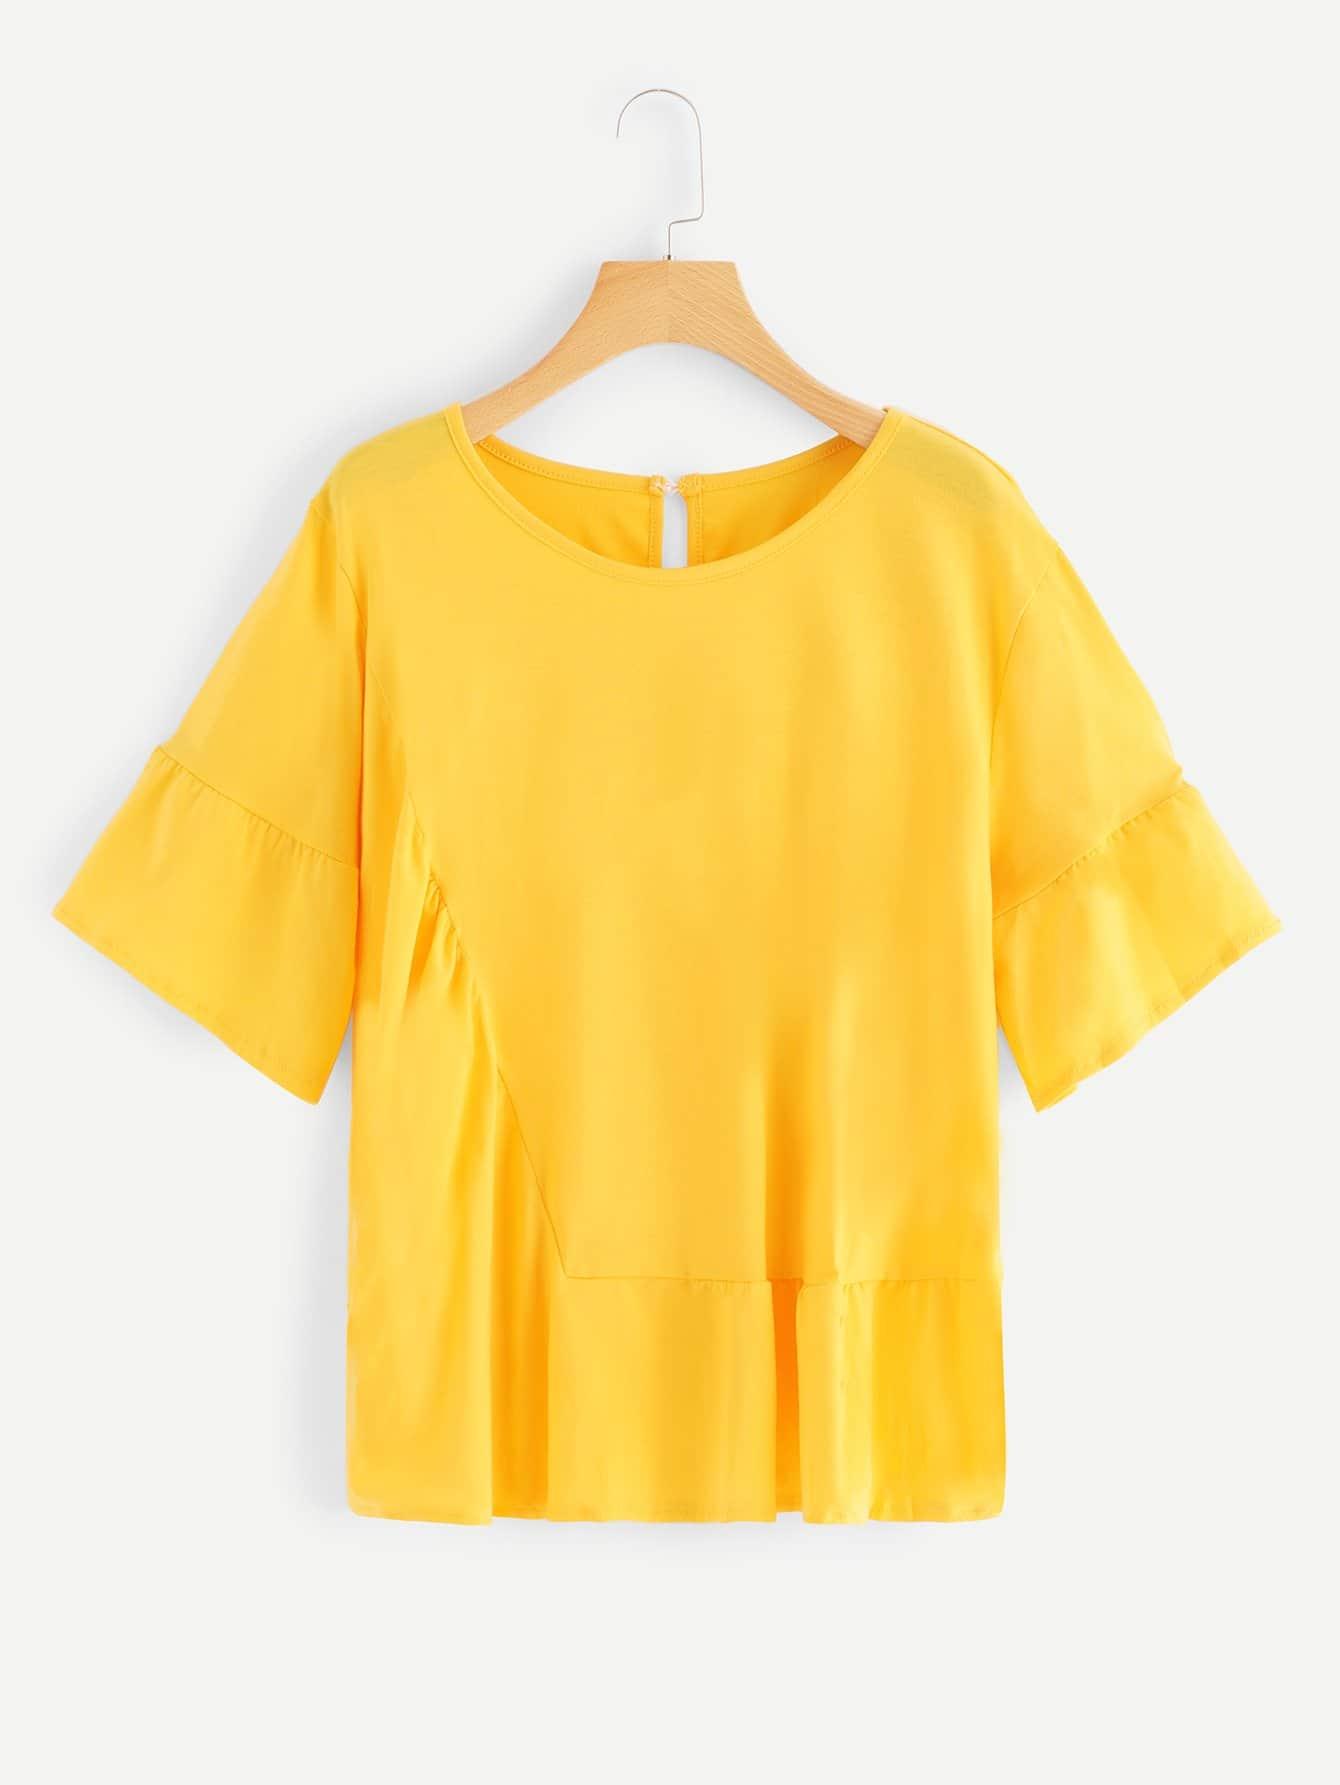 Купить Повседневные Одноцветный Полый Жёлтые Топыразмераплюс, null, SheIn